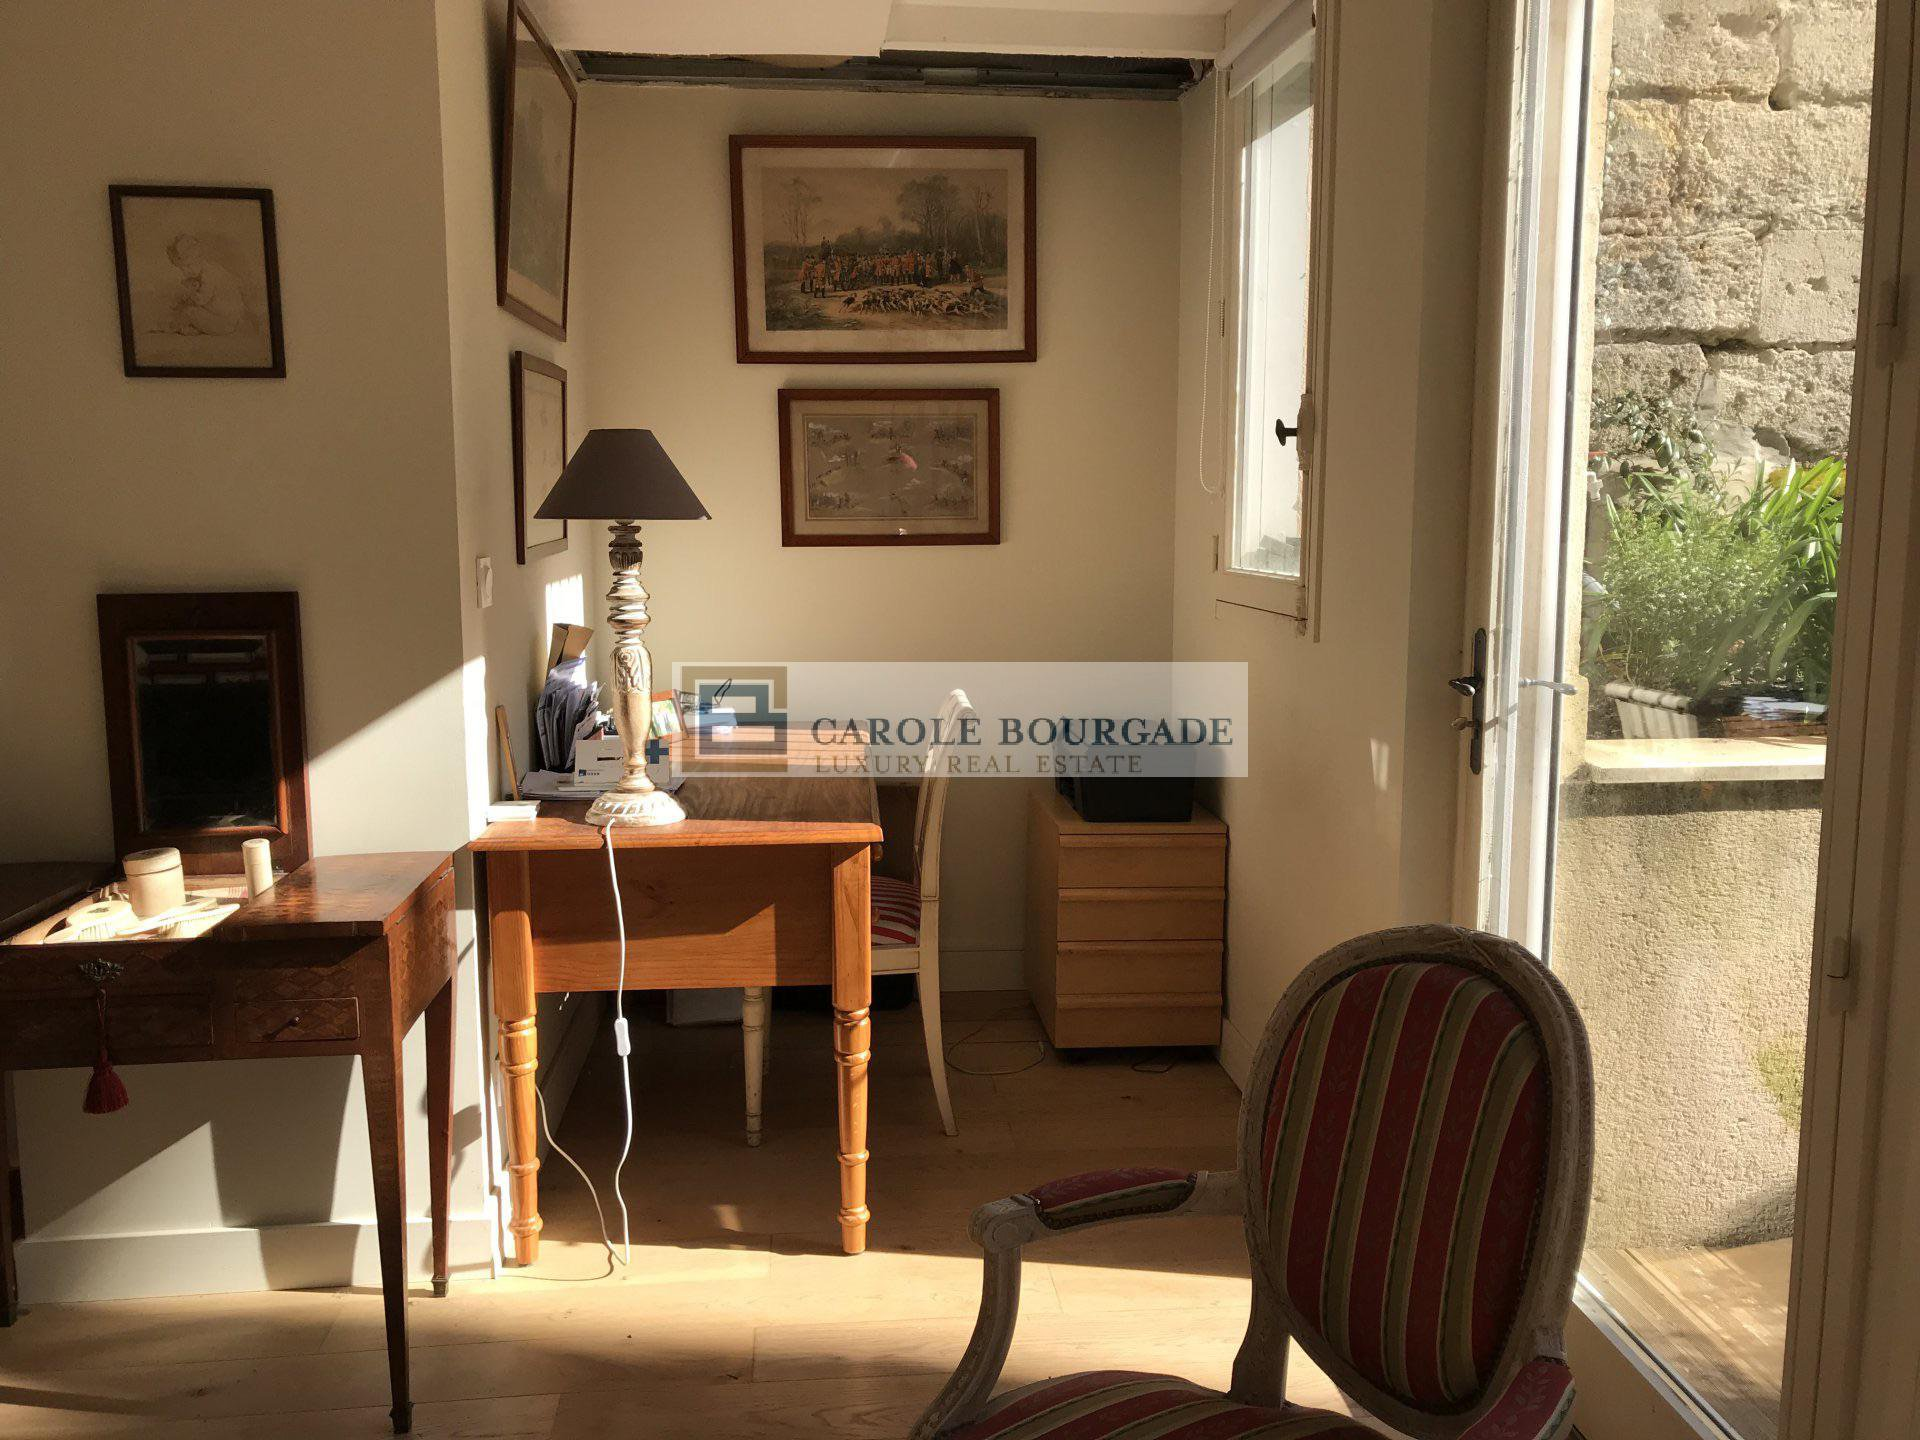 季节性出租 公寓 - 波尔多 (Bordeaux)